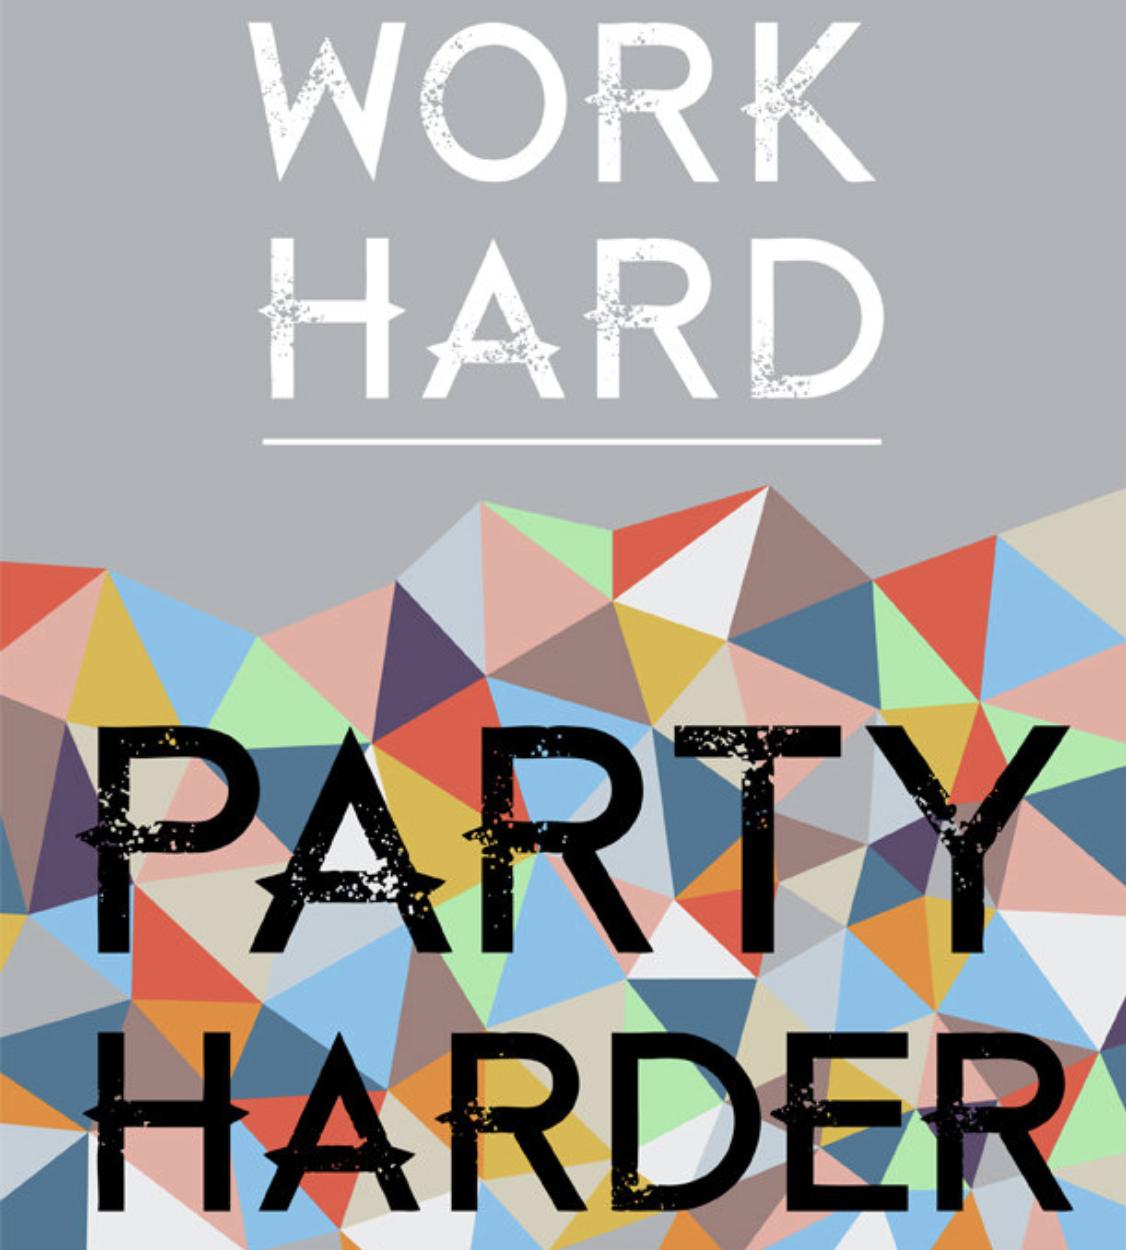 workhard.partyharder.jpg